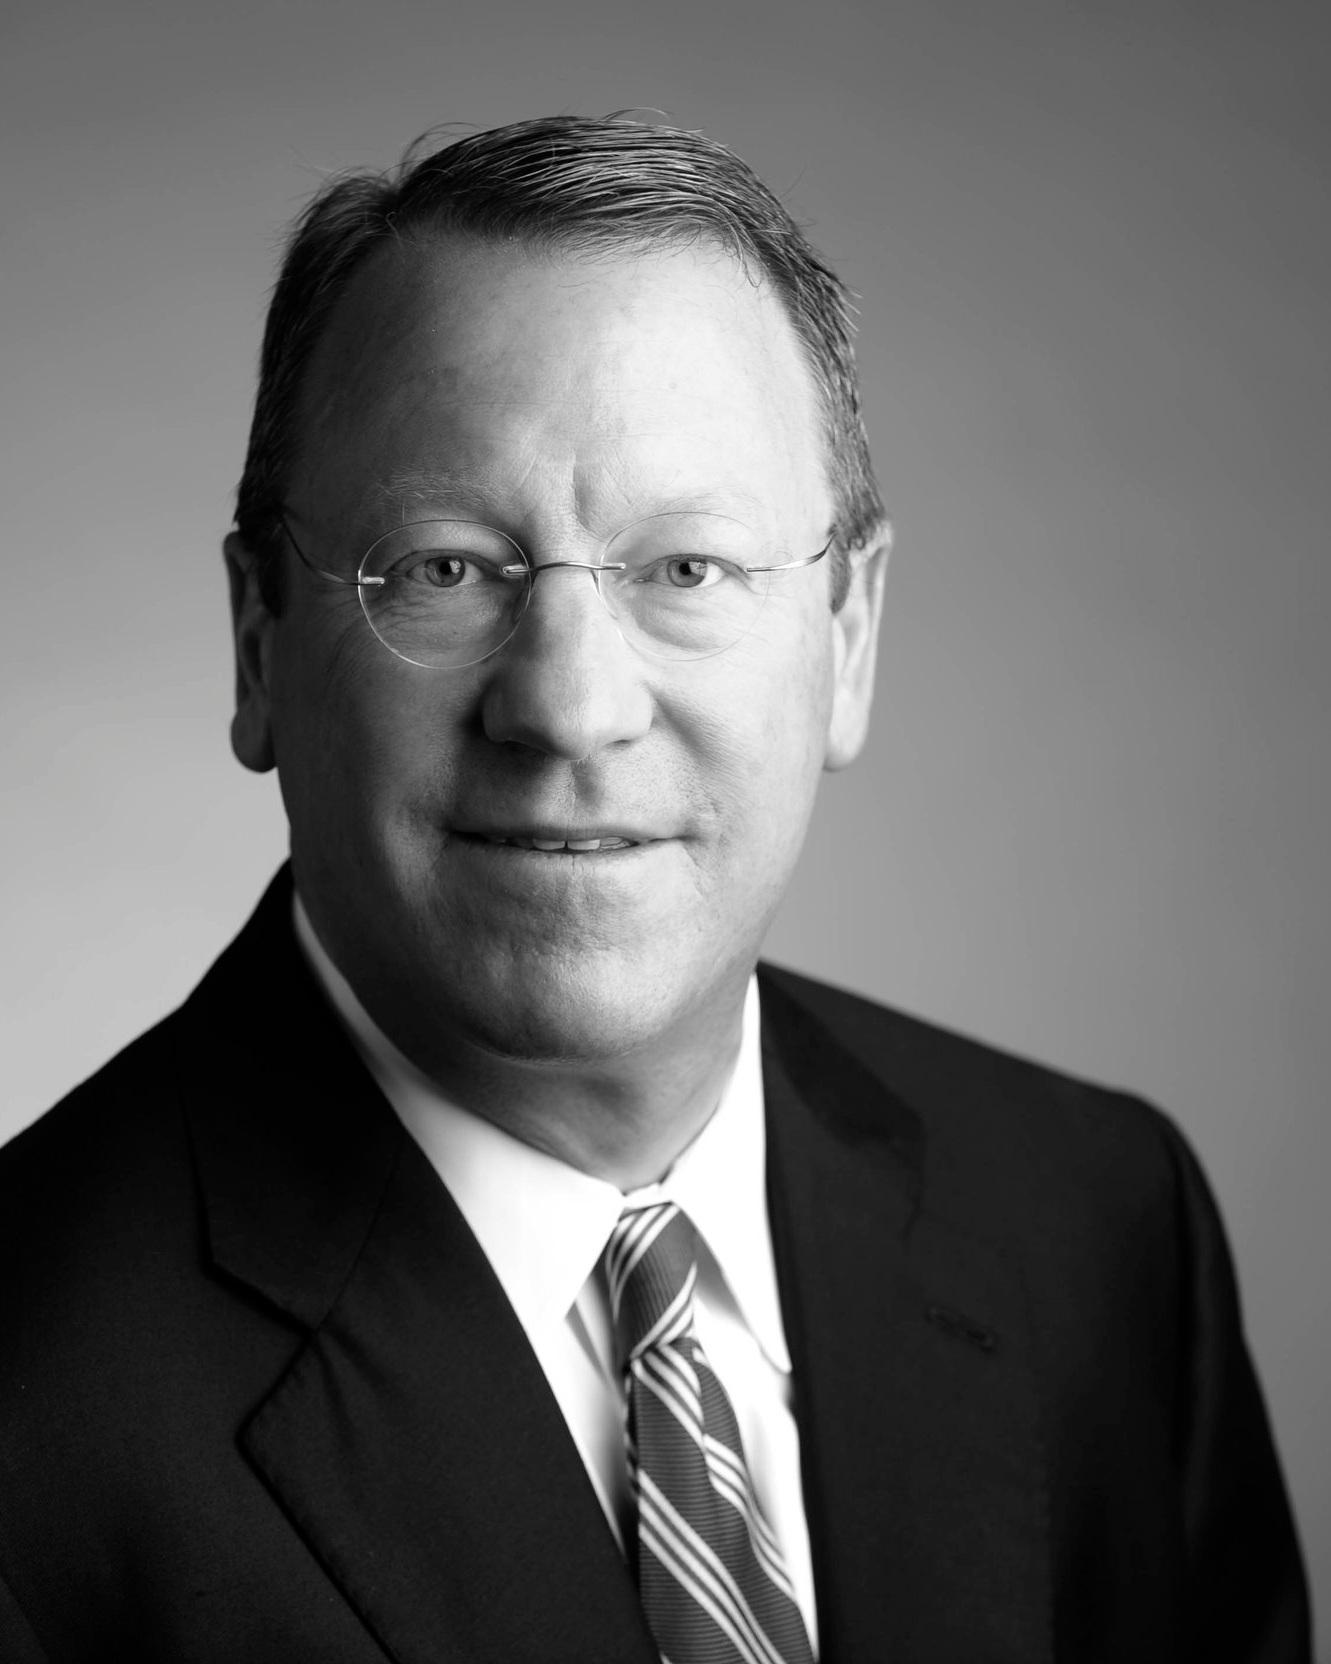 Kevin W. Betz